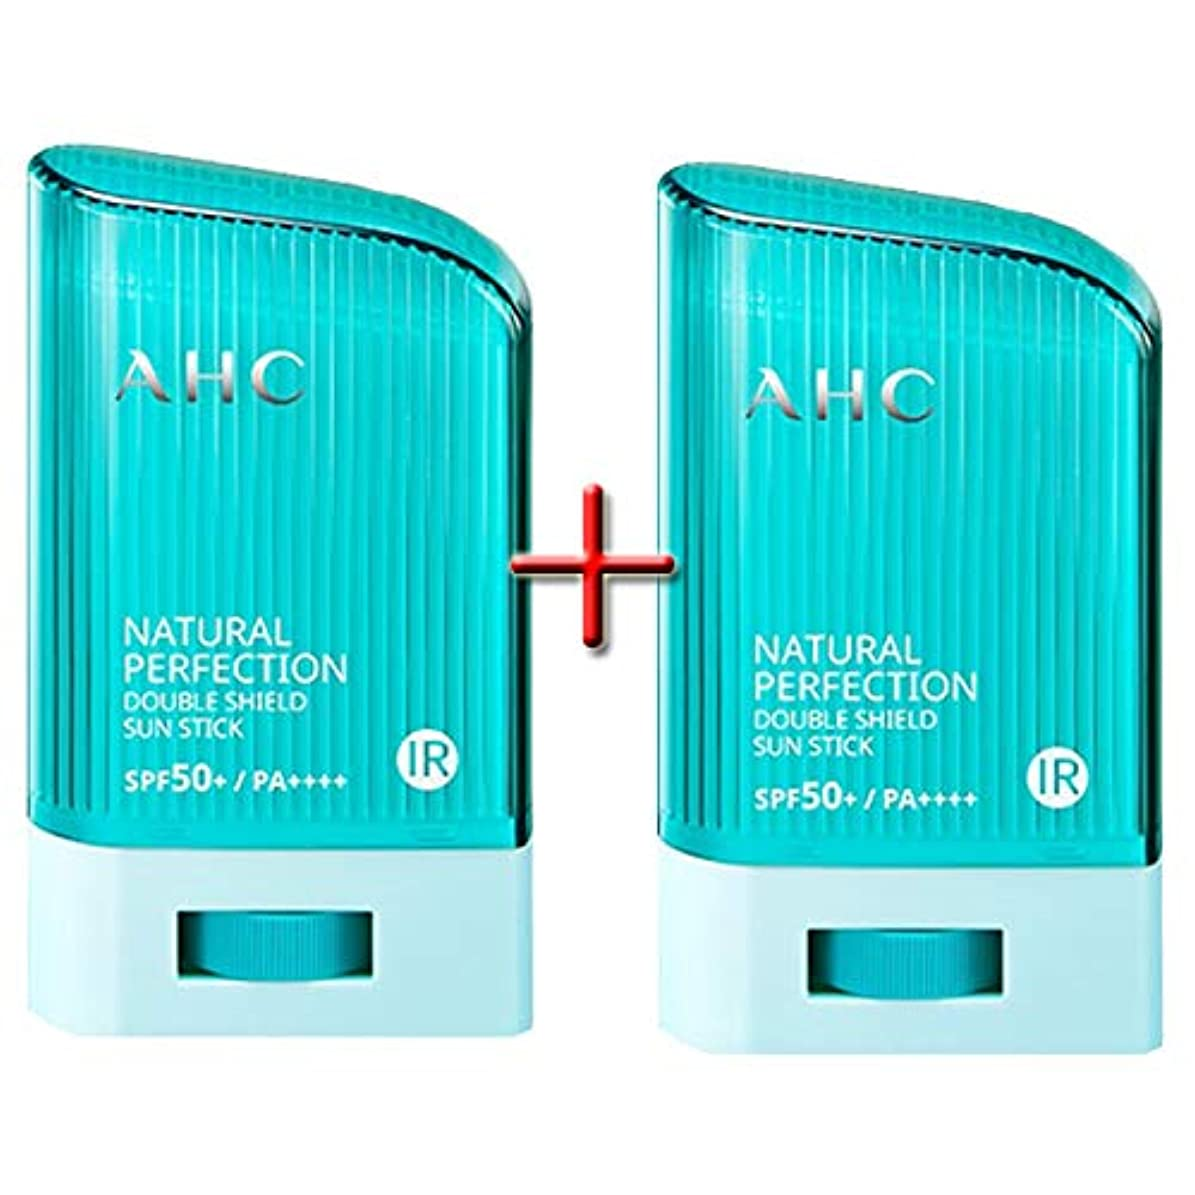 以下力失う[ 1+1 ] AHC ナチュラルパーフェクションダブルシールドサンスティック 22g, Natural Perfection Double Shield Sun Stick SPF50+ PA++++